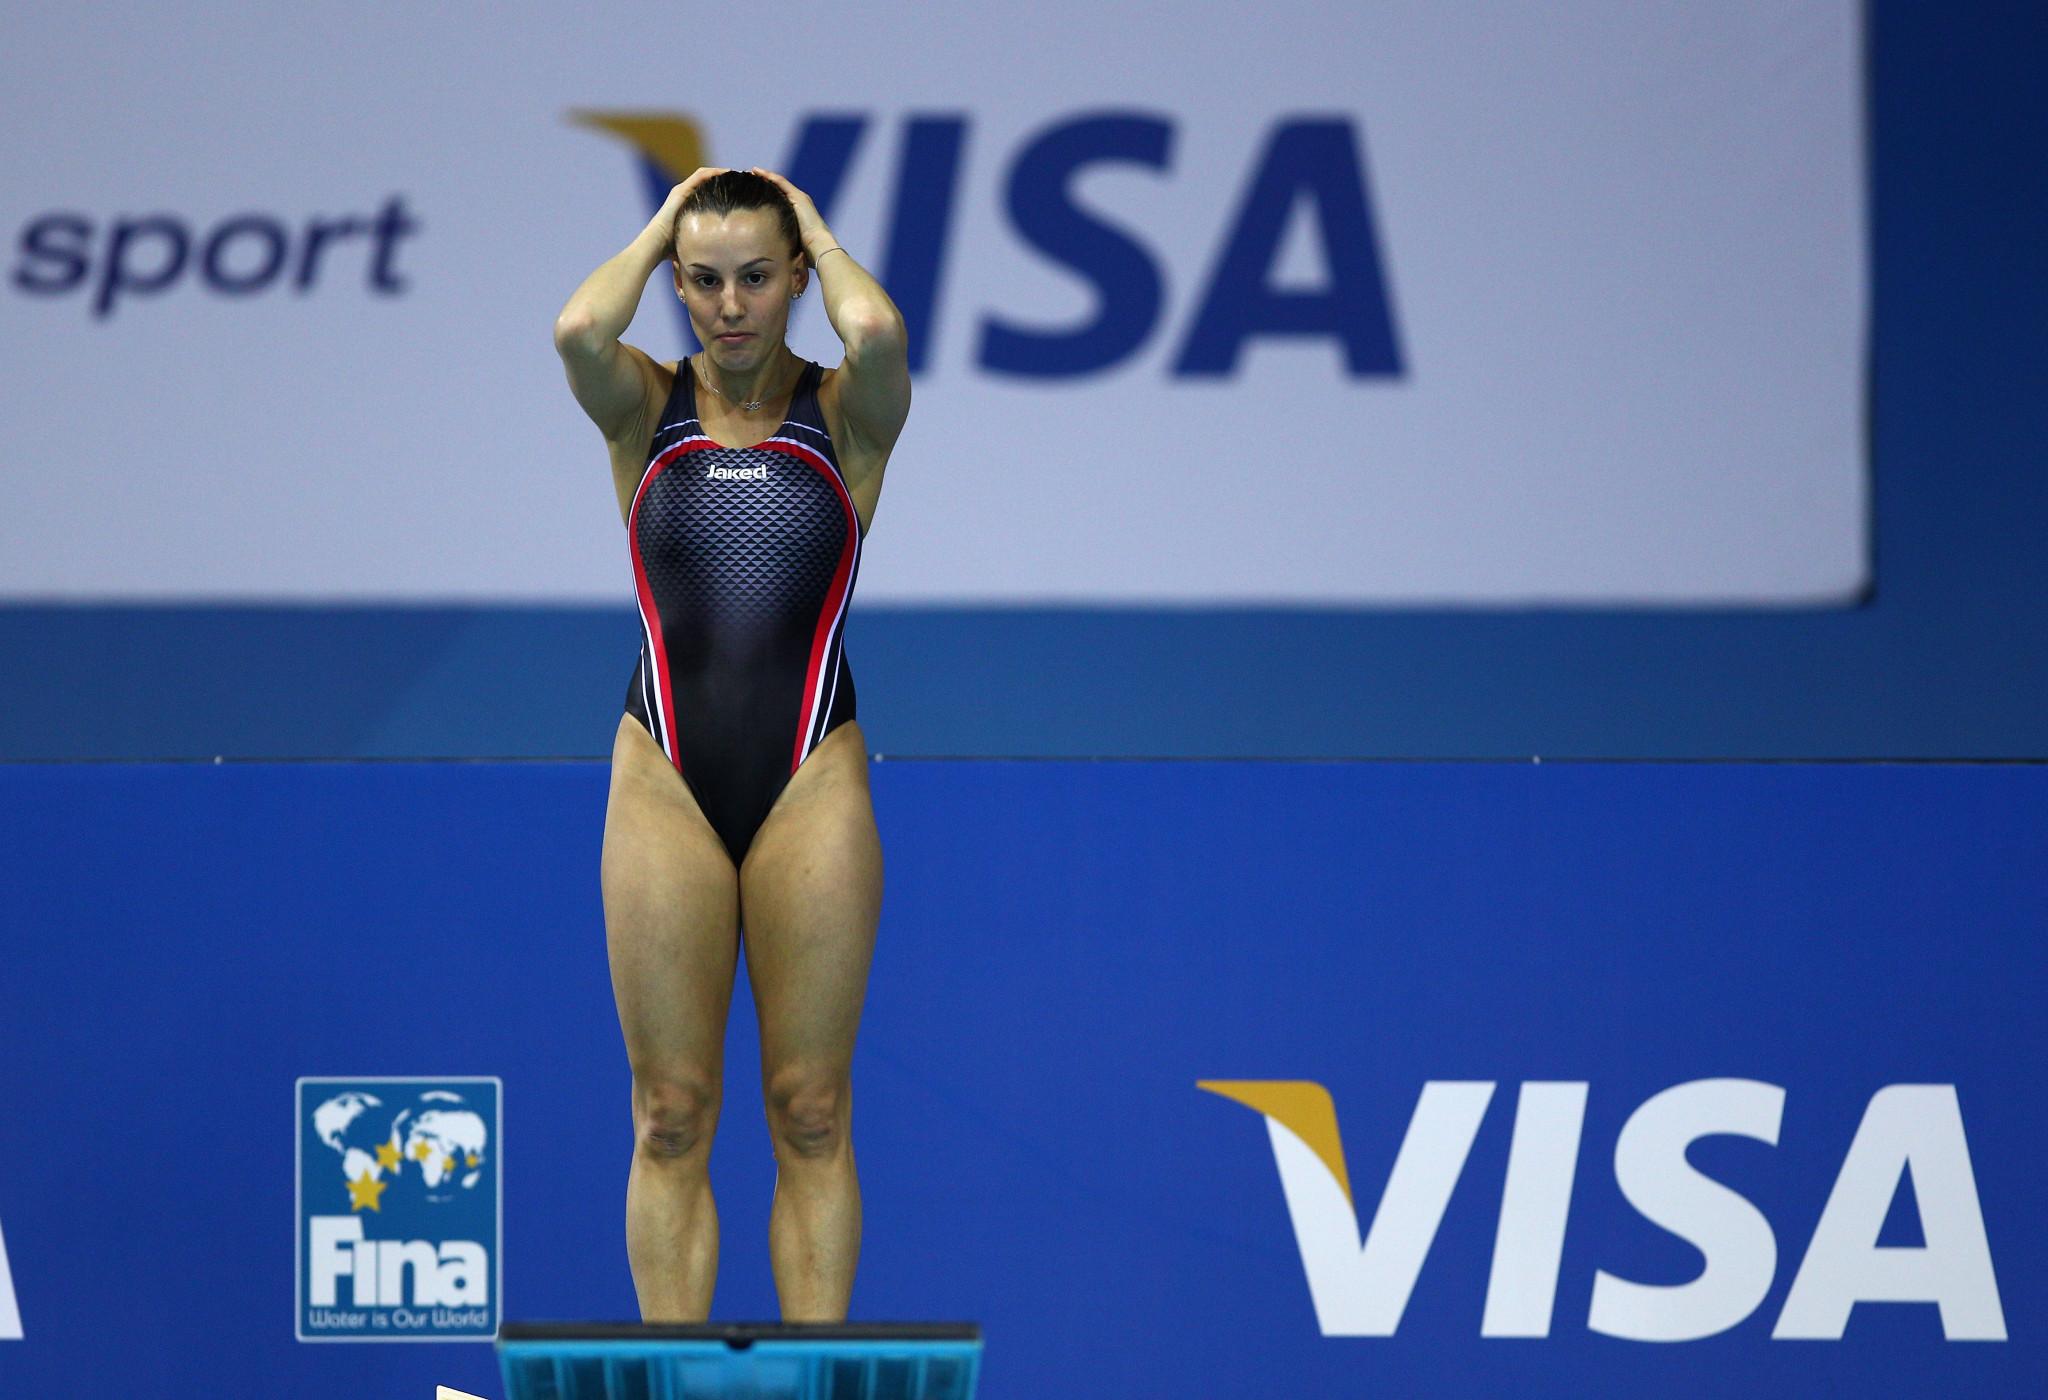 Visa extends sponsorship of athletes following Tokyo 2020 postponement